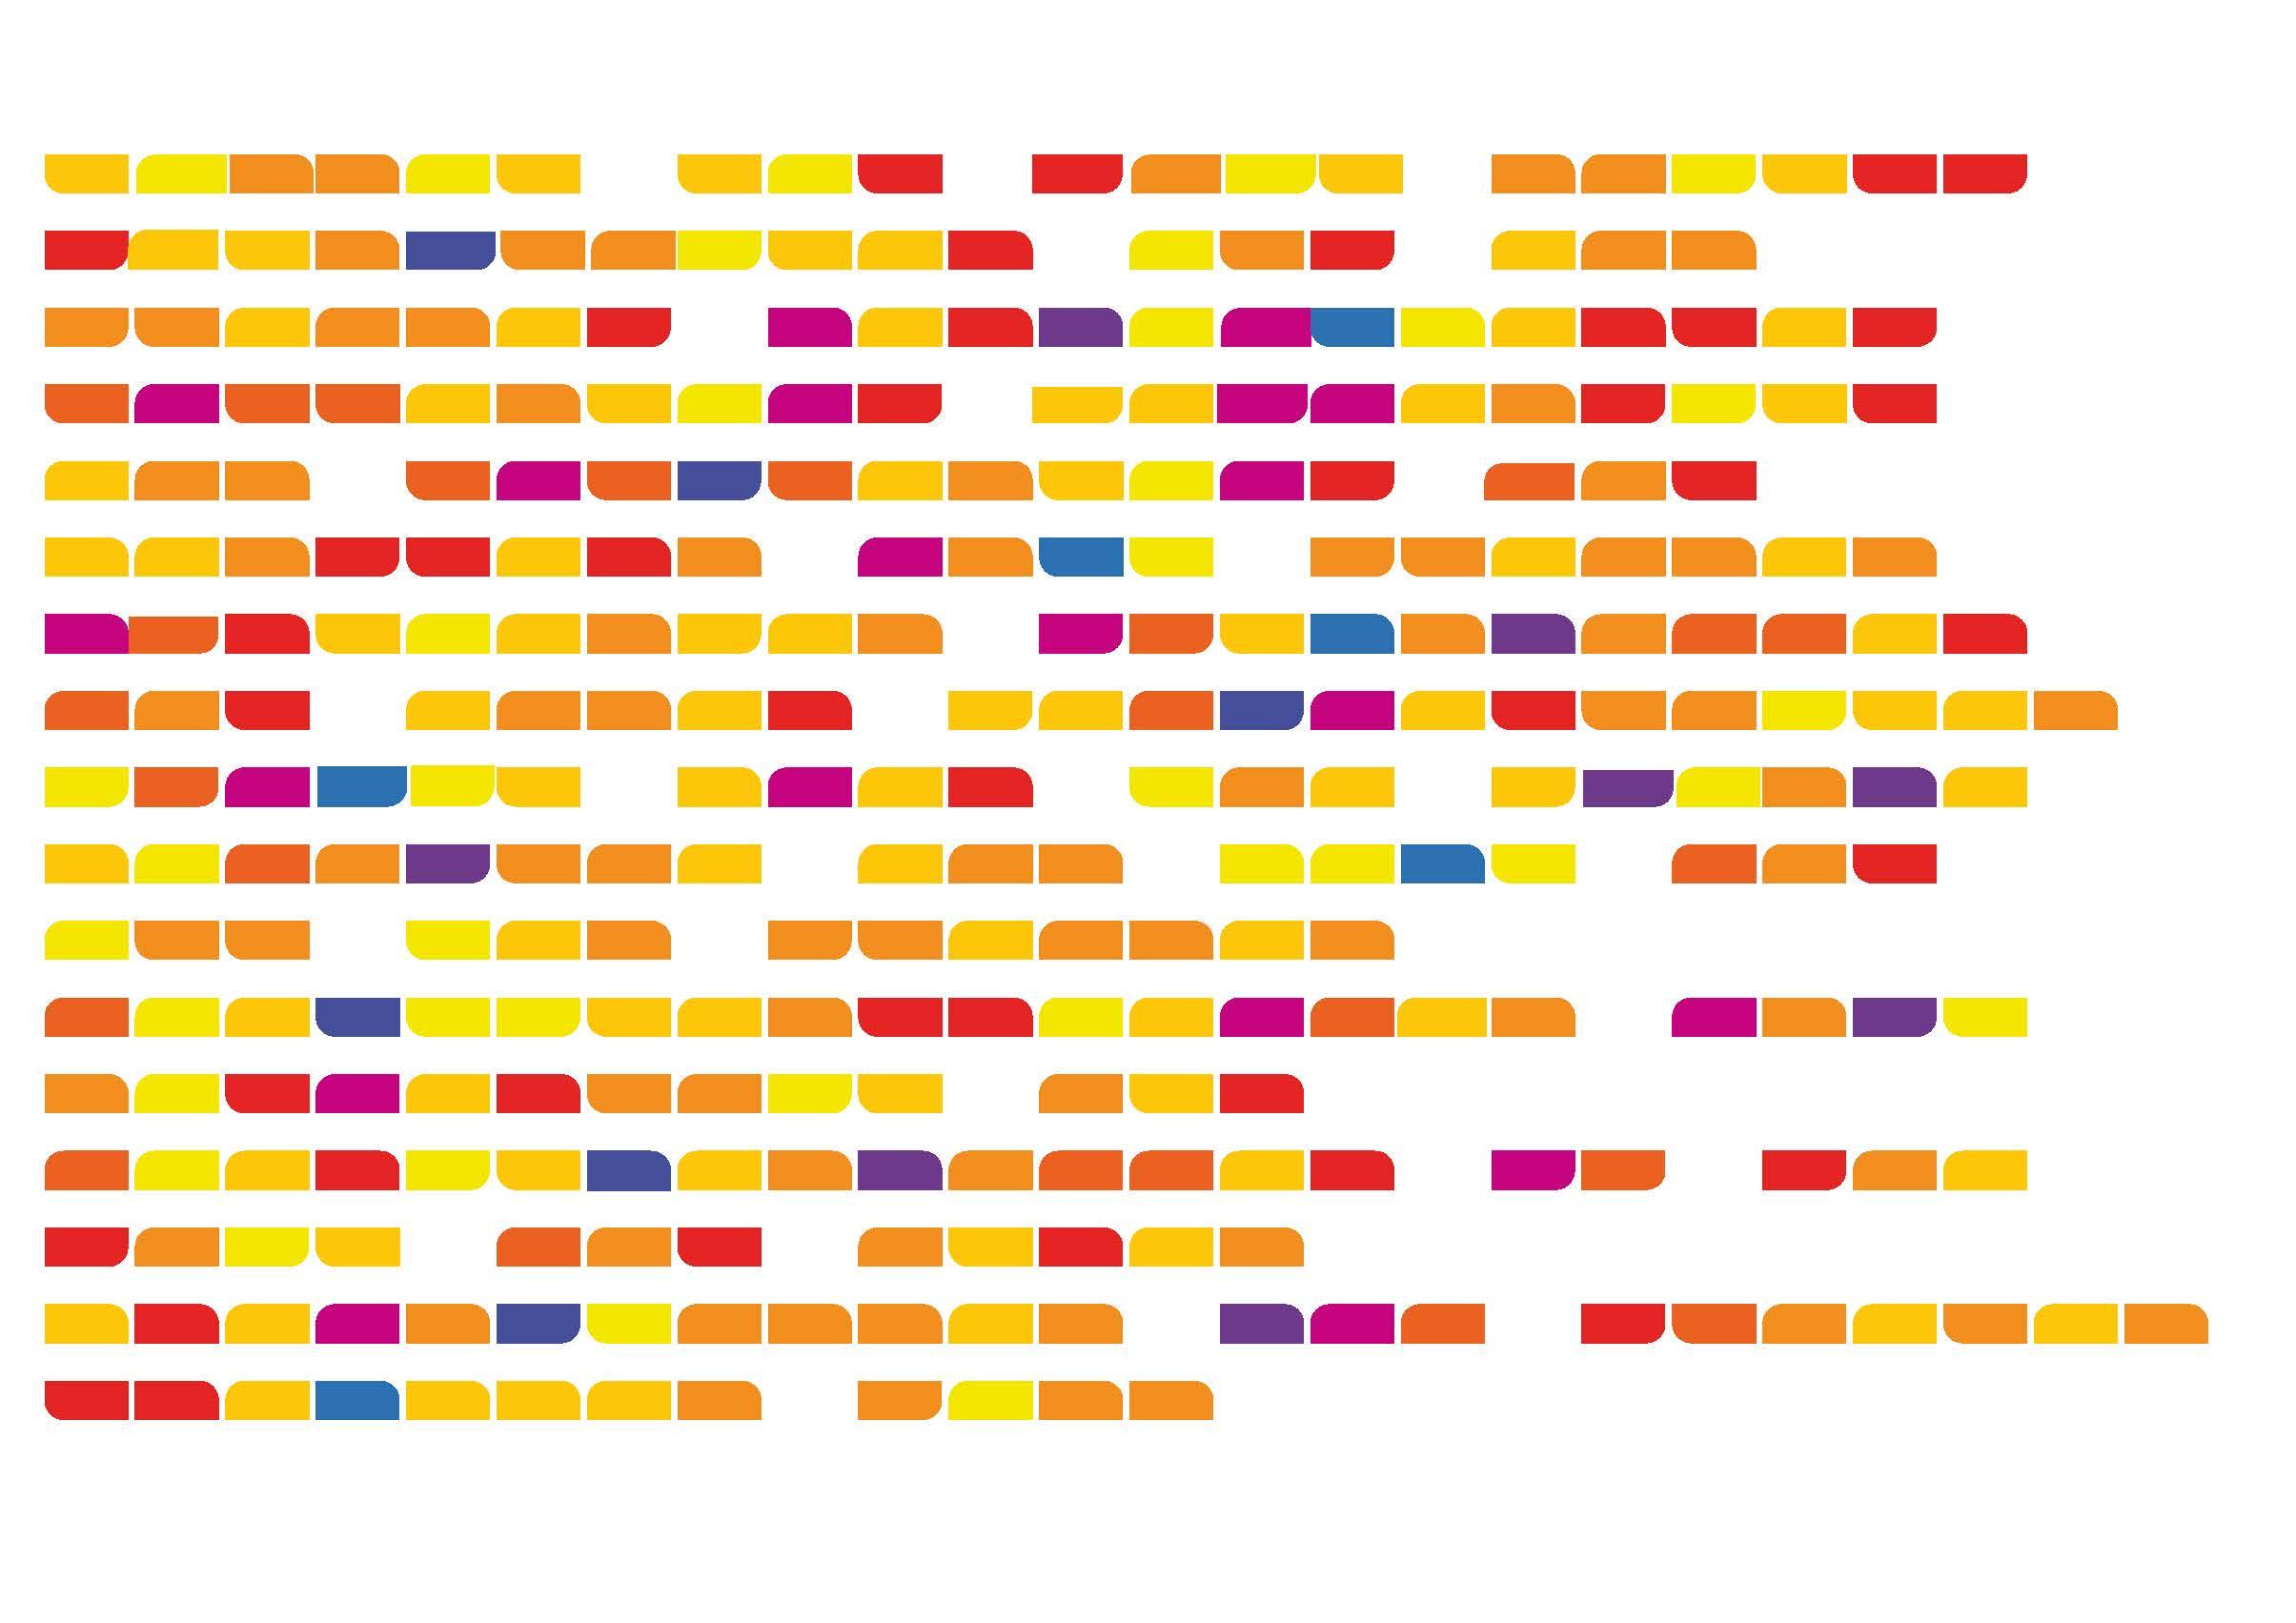 geocaching codierung von text nach farbkreis von itten farbe r tsel verschl sselung. Black Bedroom Furniture Sets. Home Design Ideas